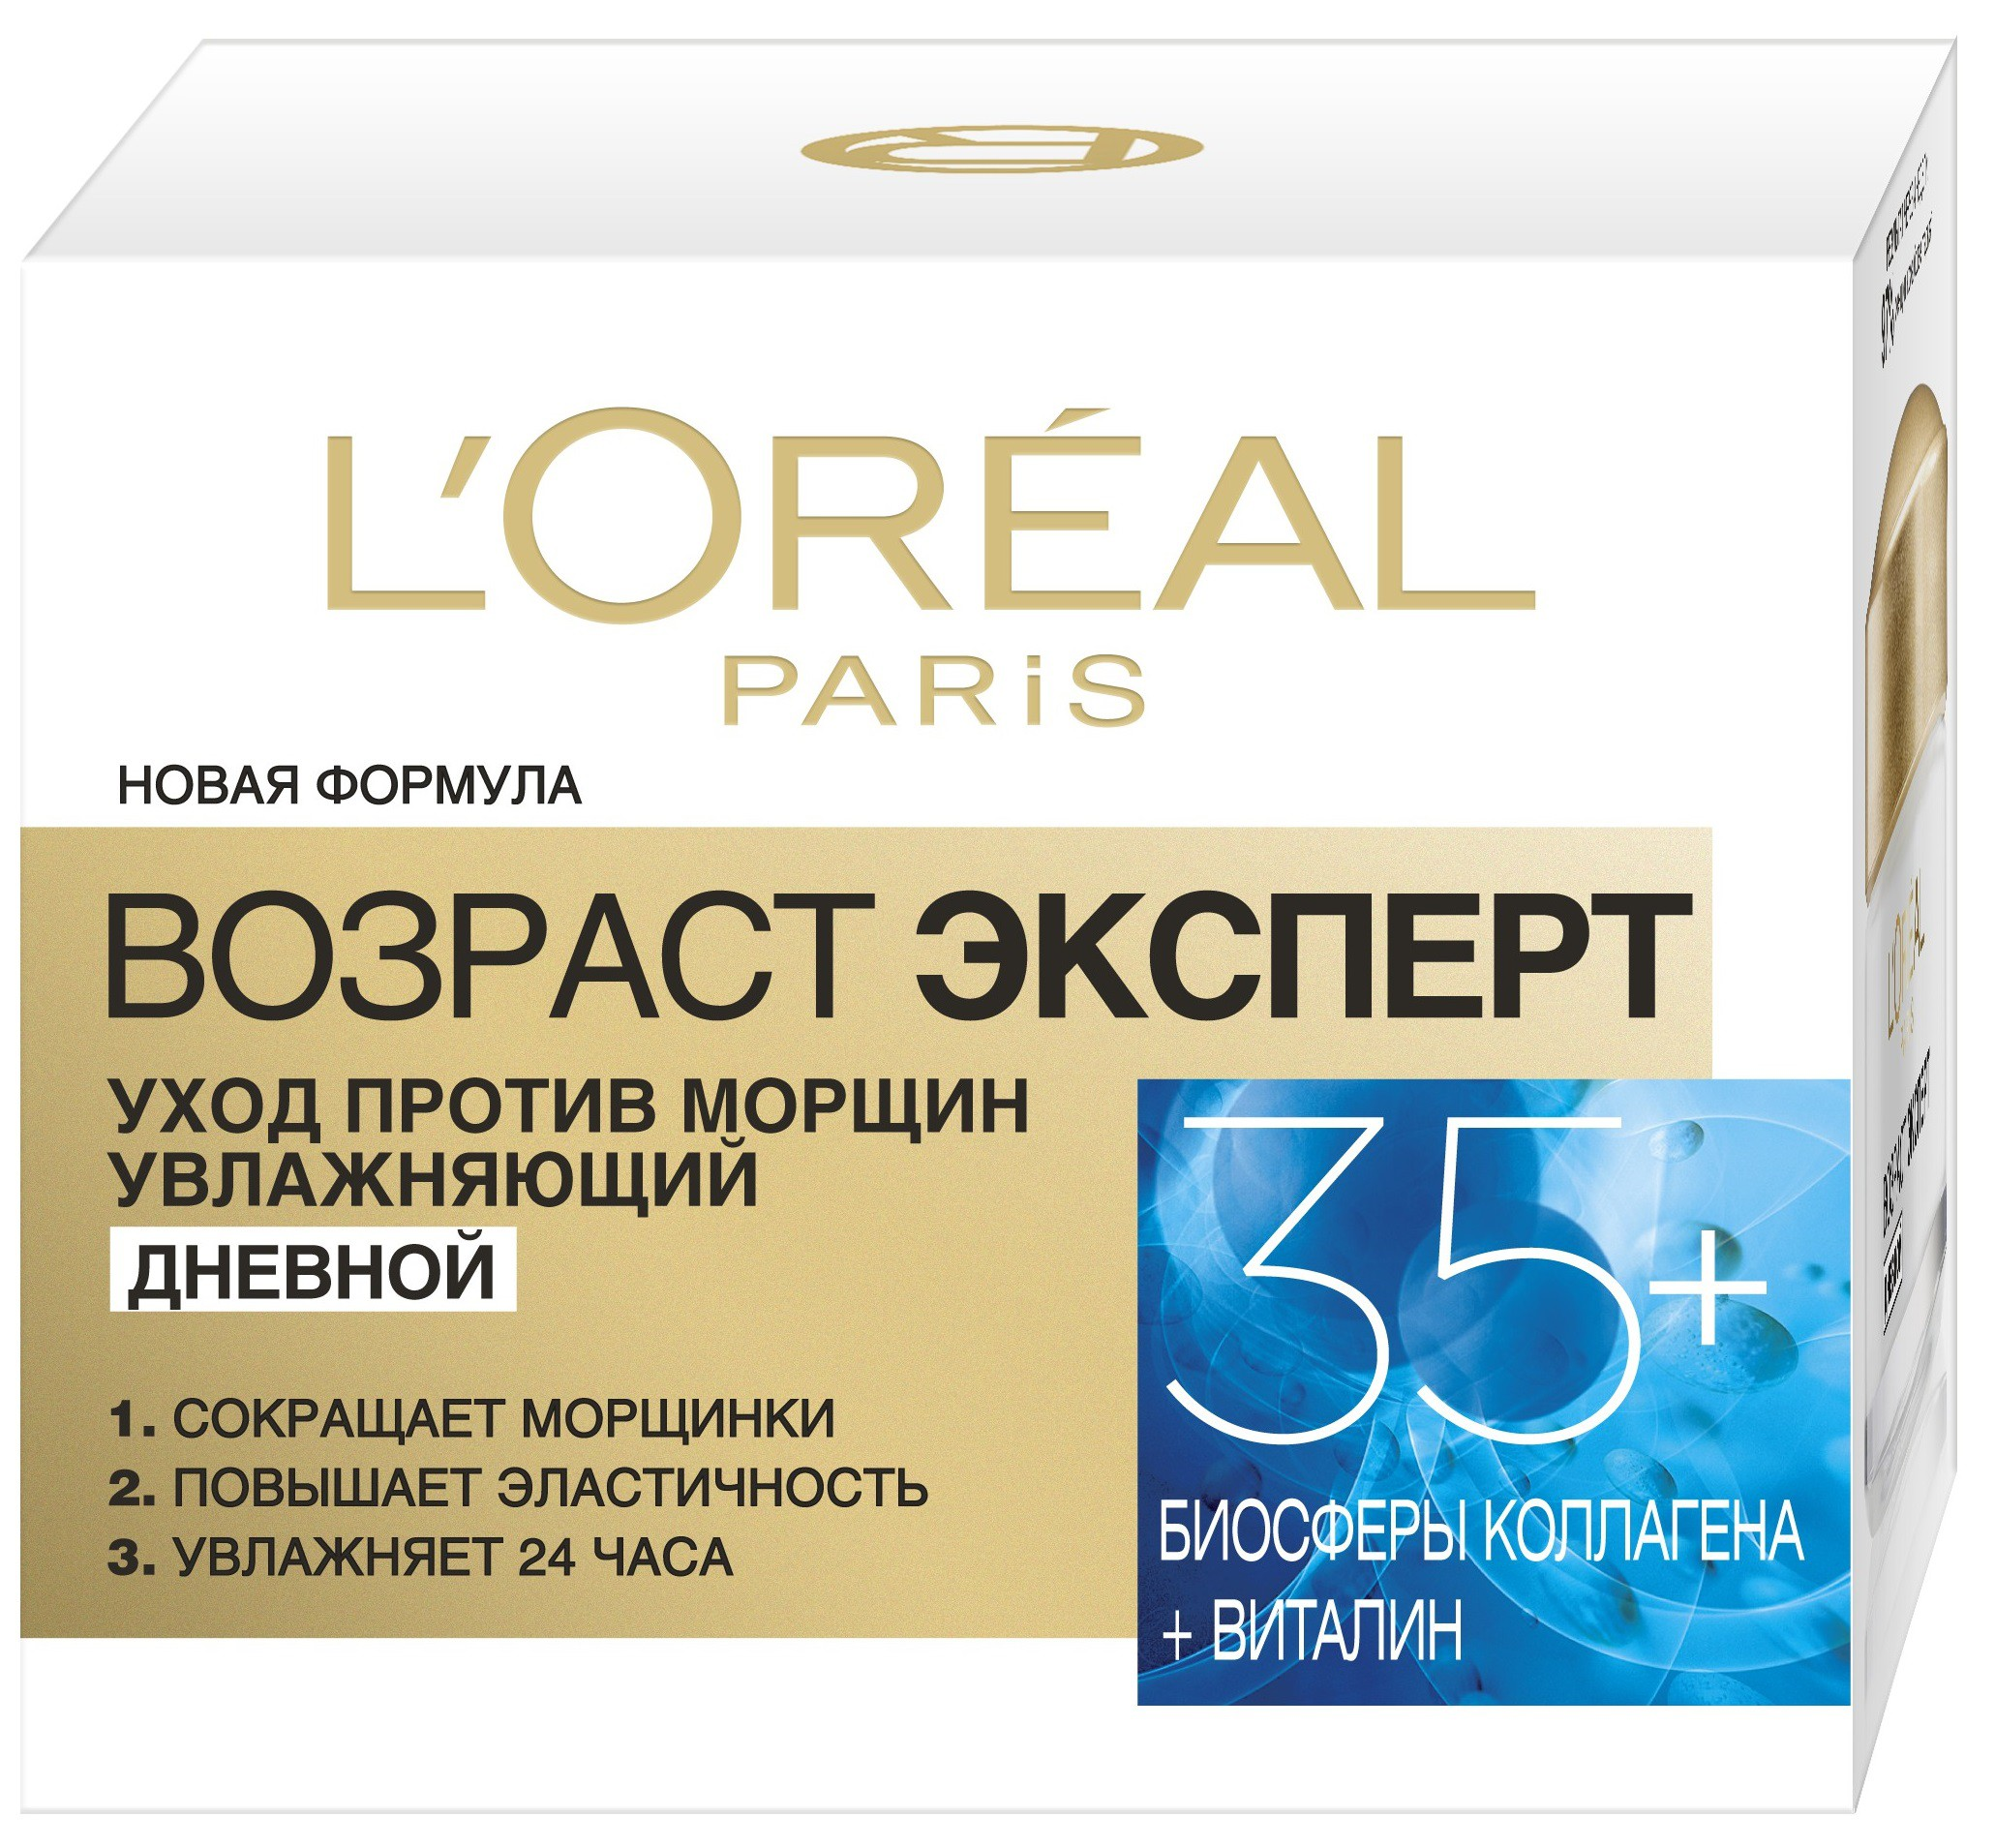 LOreal Paris Дневной крем Возраст эксперт 35+ увлажняющий, против морщин, 50 млA7820900Антивозрастной крем для лица серии Возраст Эксперт разработан для кожи после 35 лет. Он оказывает тройное действие: сокращает морщинки, наполняет кожуэластичностью, увлажняет 24 часа.Входящие в состав крема Биосферы Коллагена глубоко проникают внутрь кожи где увеличиваются в объеме до 9 раз, за счет чего происходит выталкивание морщин изнутри. Растительный экстракт цветка опунции -Виталин, известный своими восстанавливающими свойствами, поддерживает естественные процессы обновления клеток кожи.